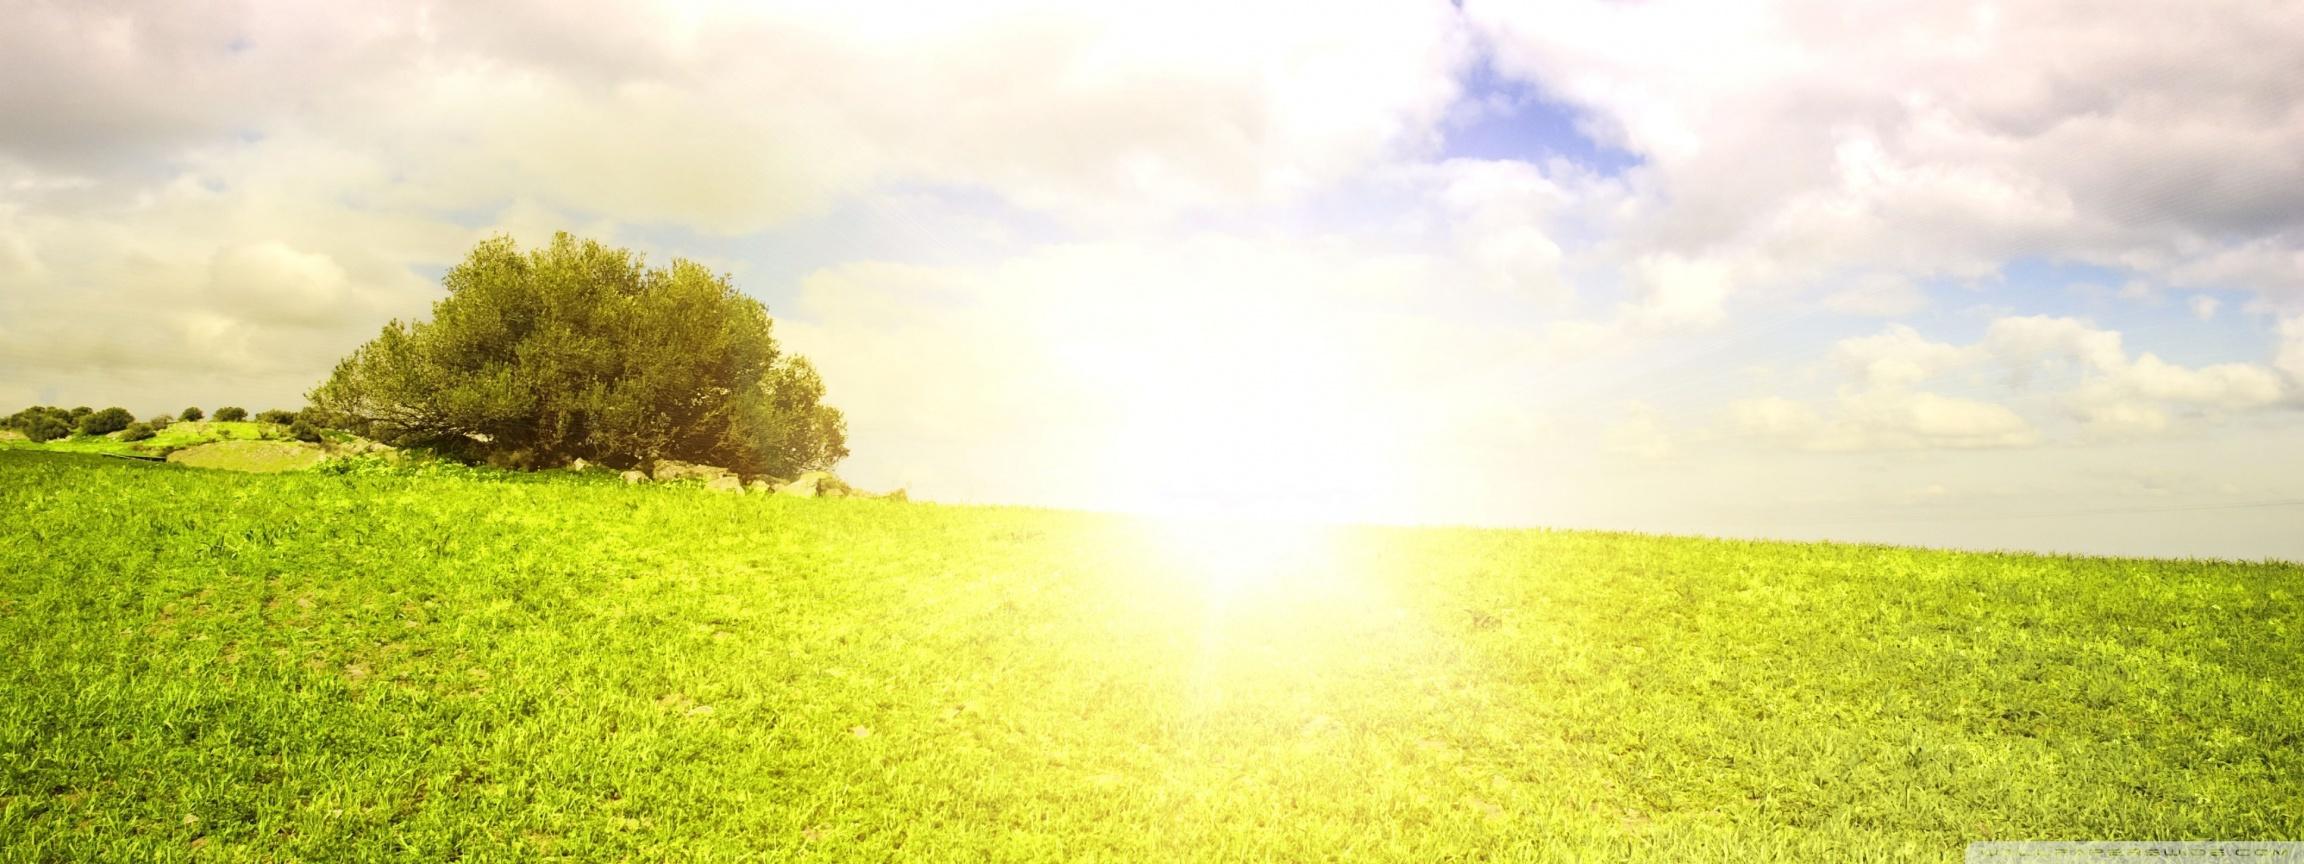 Sunlight Wallpaper